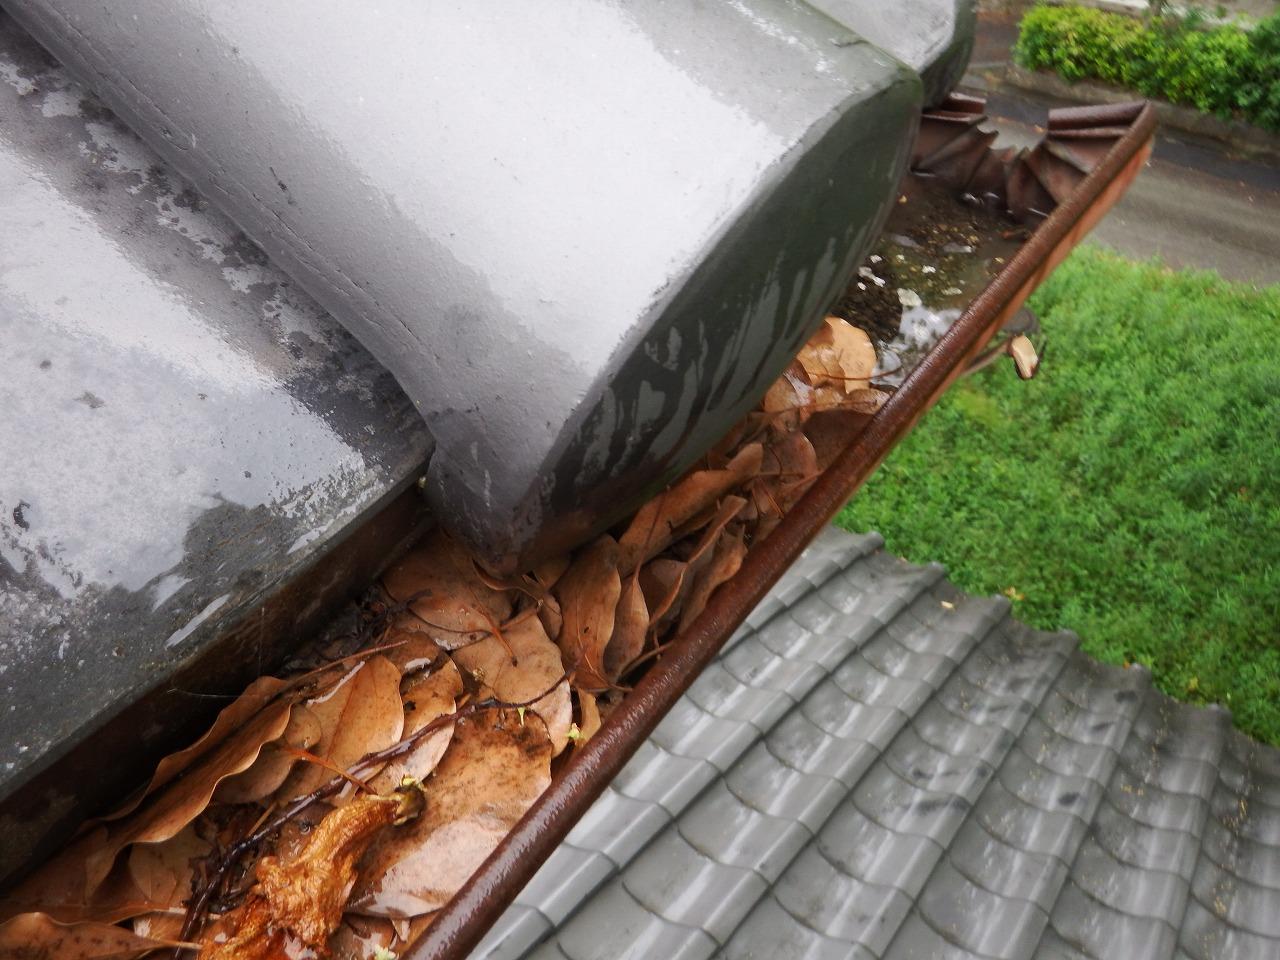 橿原市の瓦屋根の住宅の落ち葉の妻った雨樋